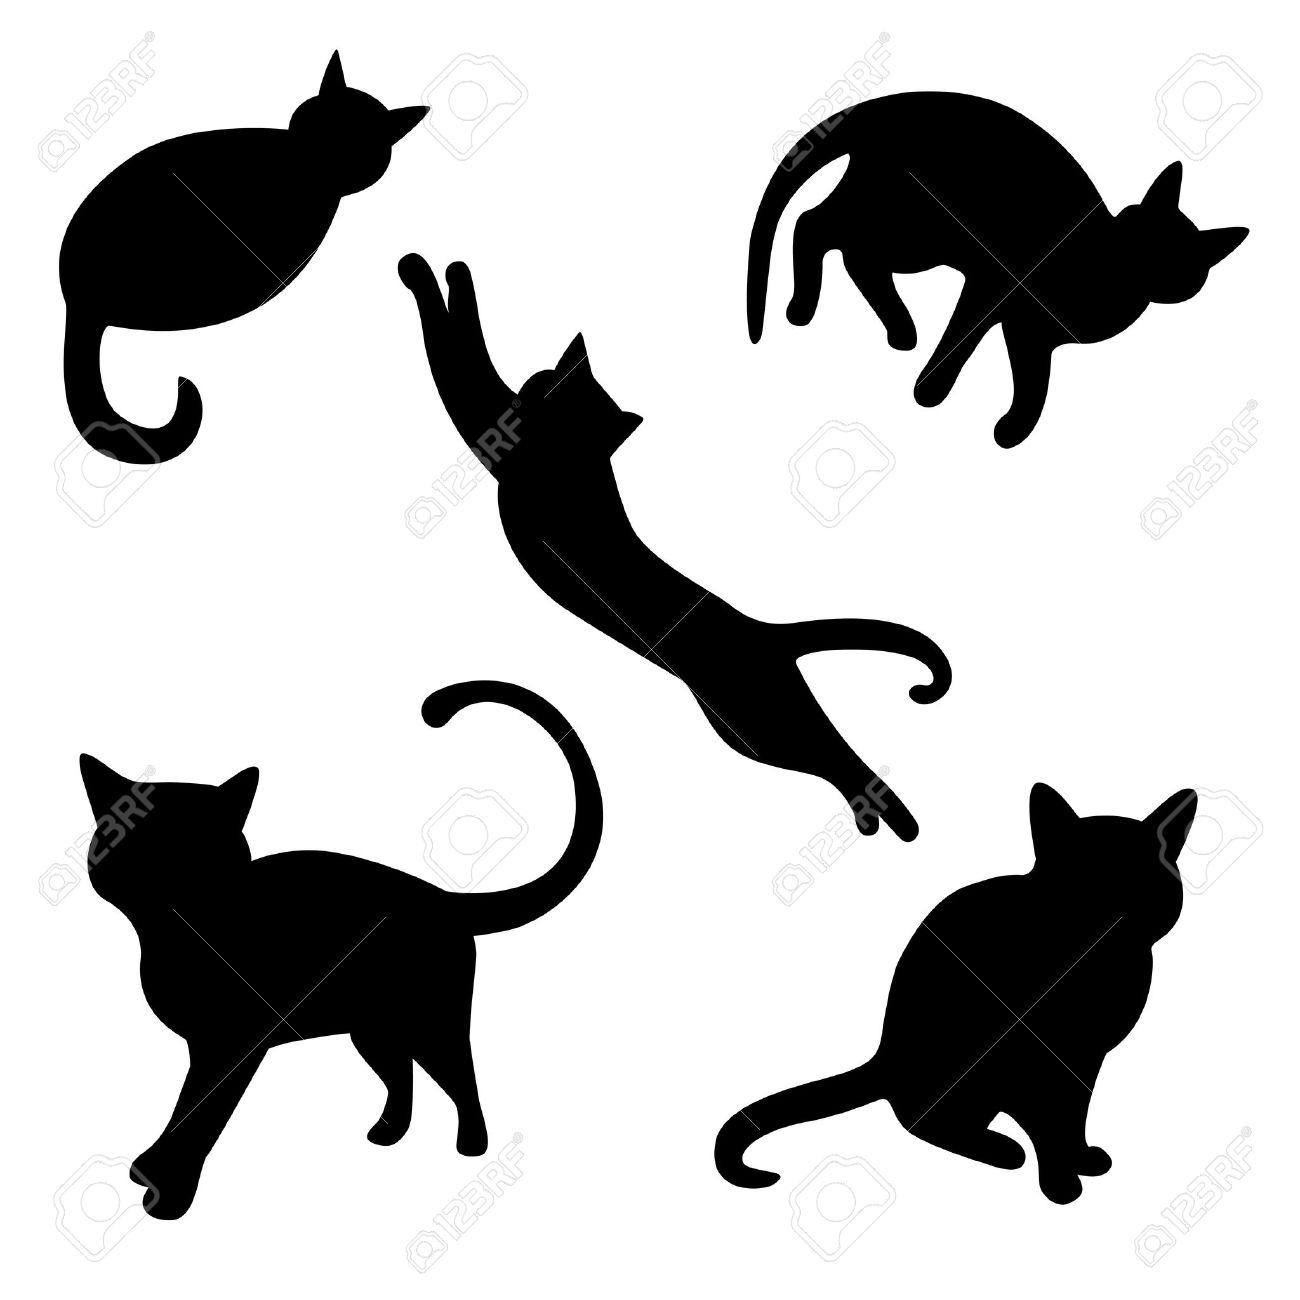 Conjunto de siluetas de gatos Foto de archivo - 18227548